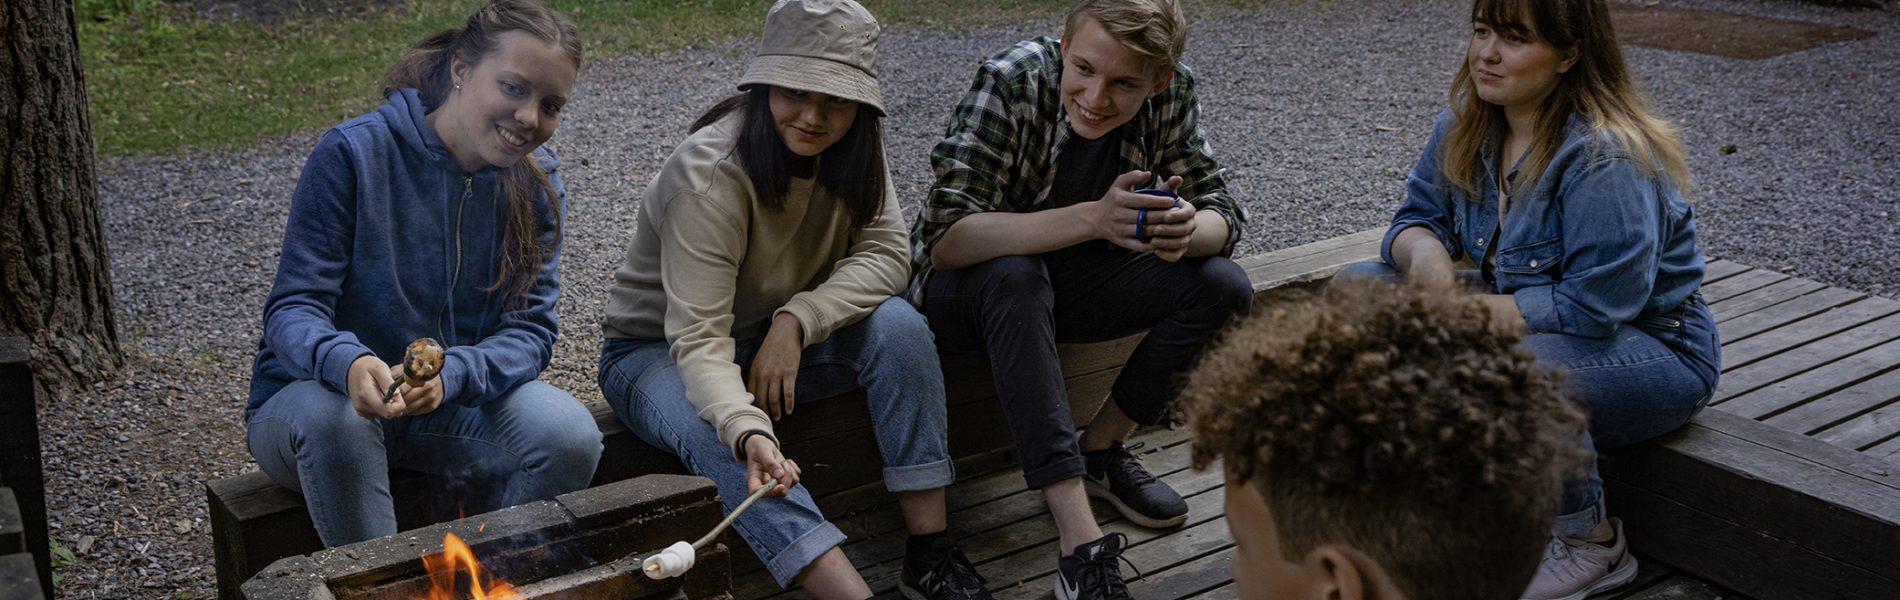 Viisi nuorta paistaa vaahtokarkkeja iltanuotiolla.